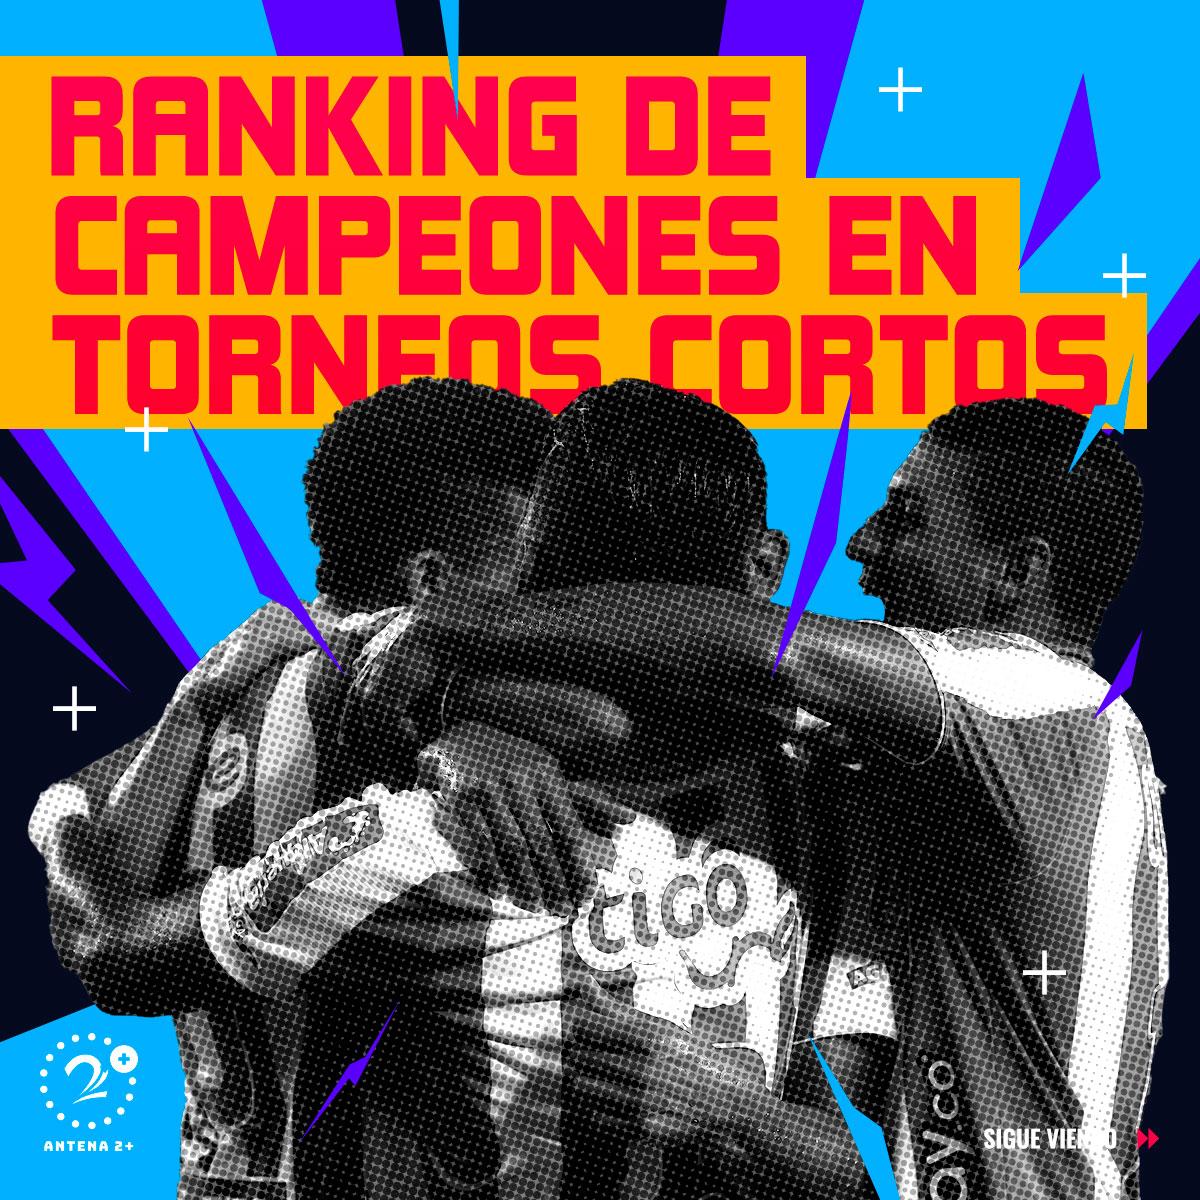 Ránking de los campeones en torneos cortos de la Liga Águila